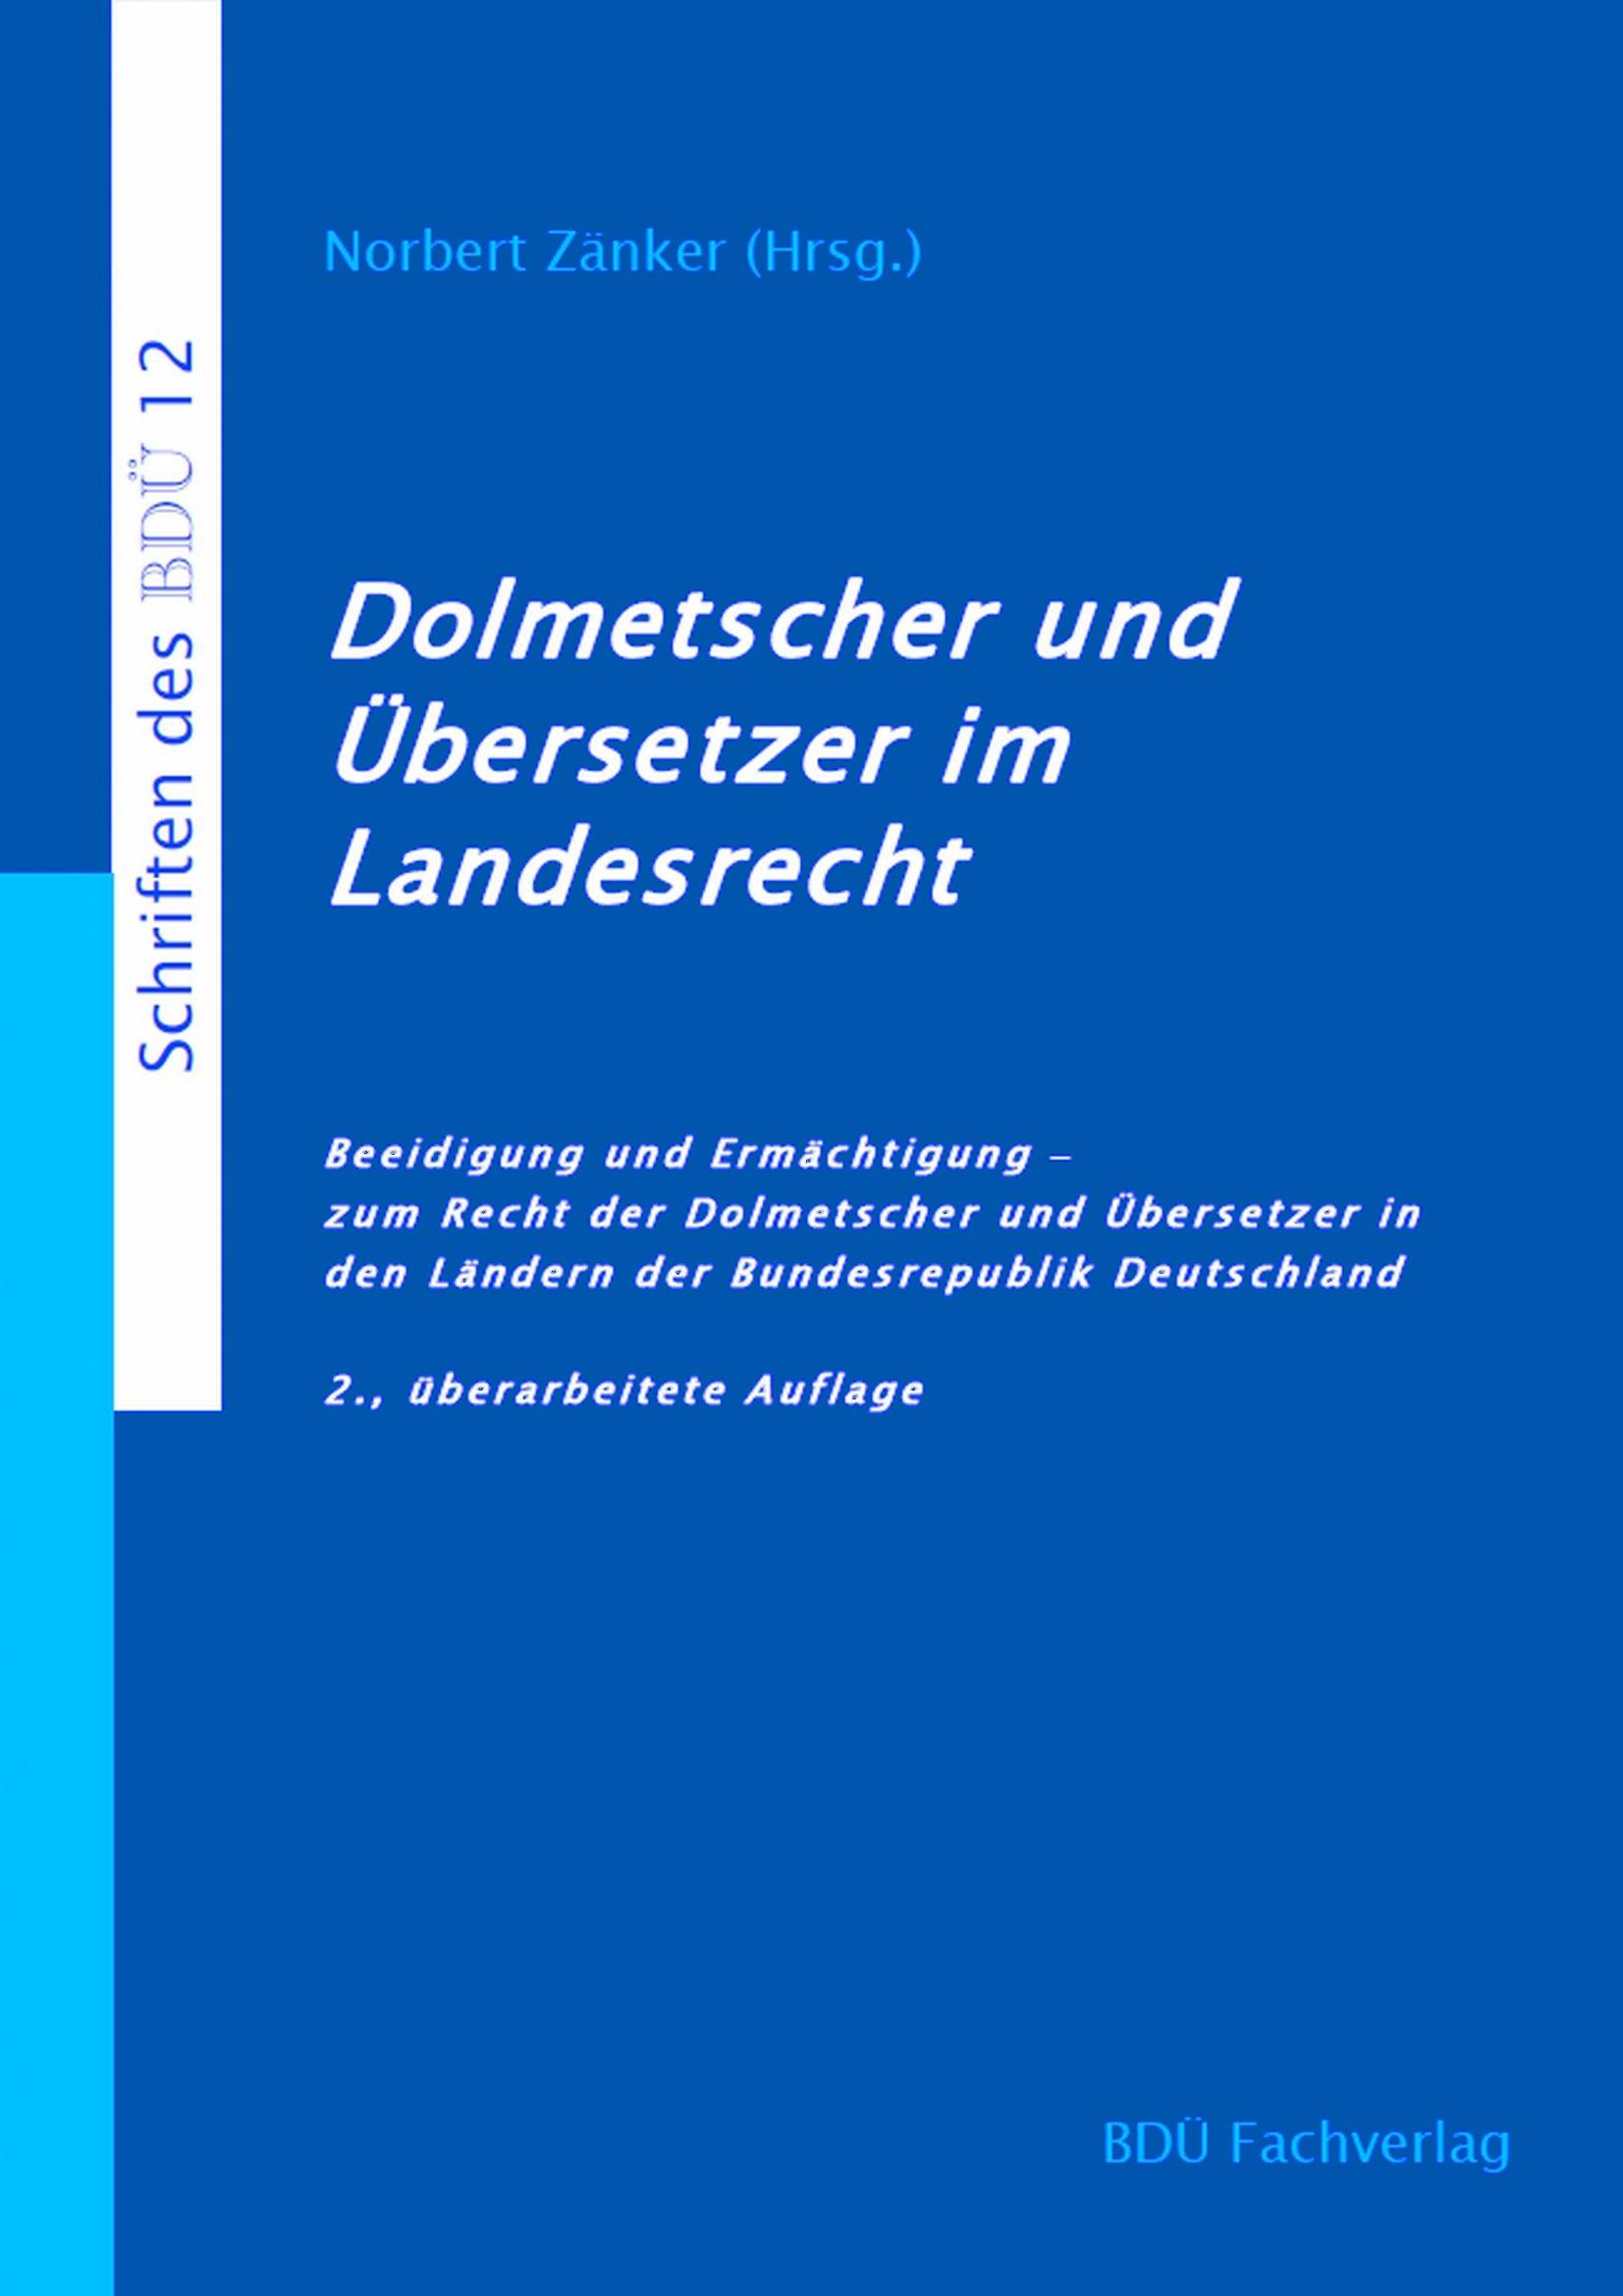 Dolmetscher und Übersetzer im Landesrecht, 2. Auflage